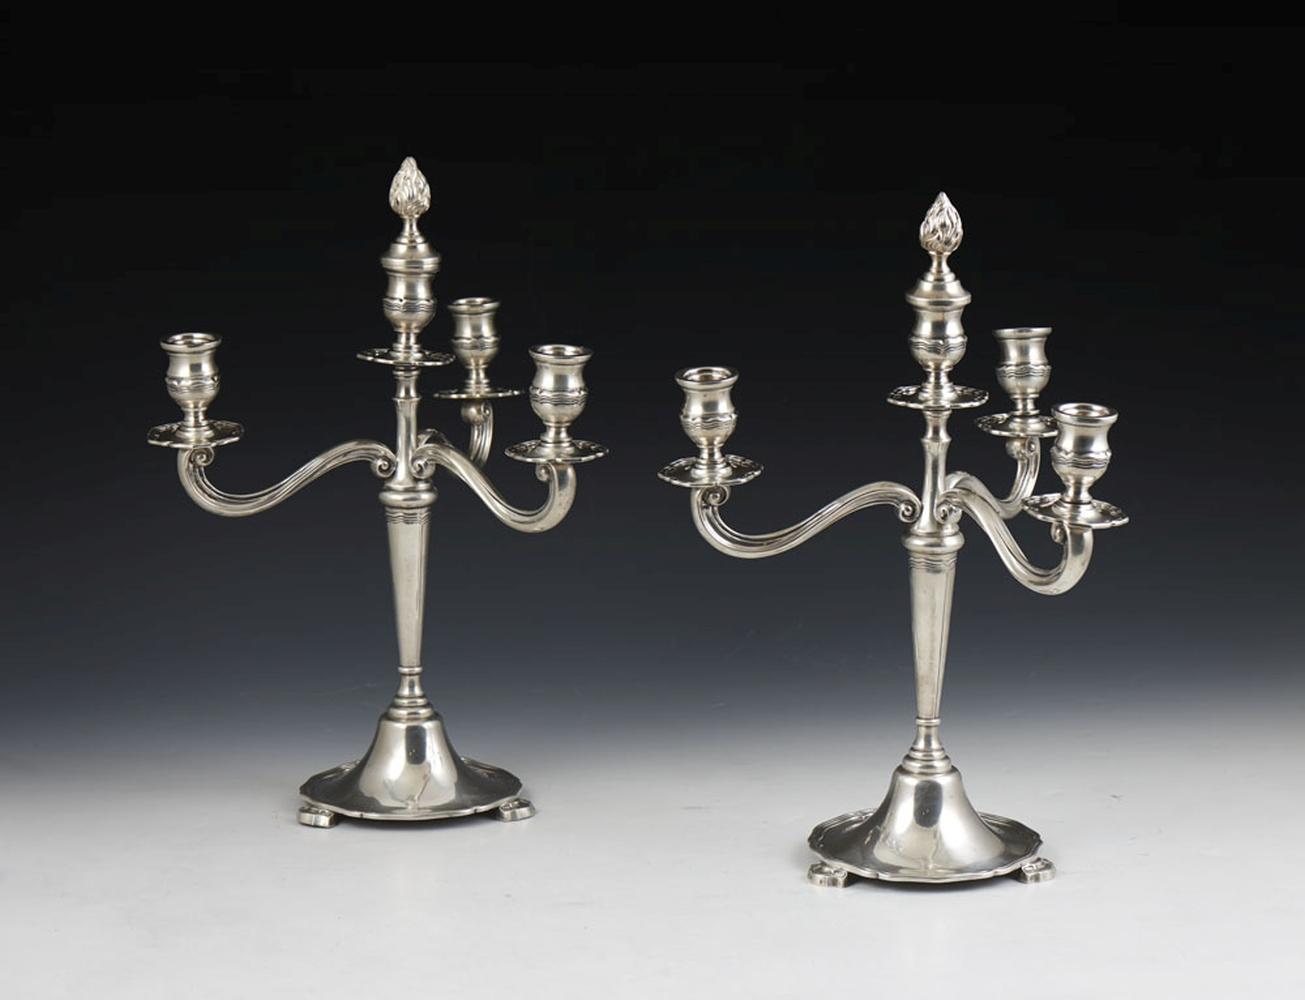 Par de candelabros em prata, 835%, P. 2142 g